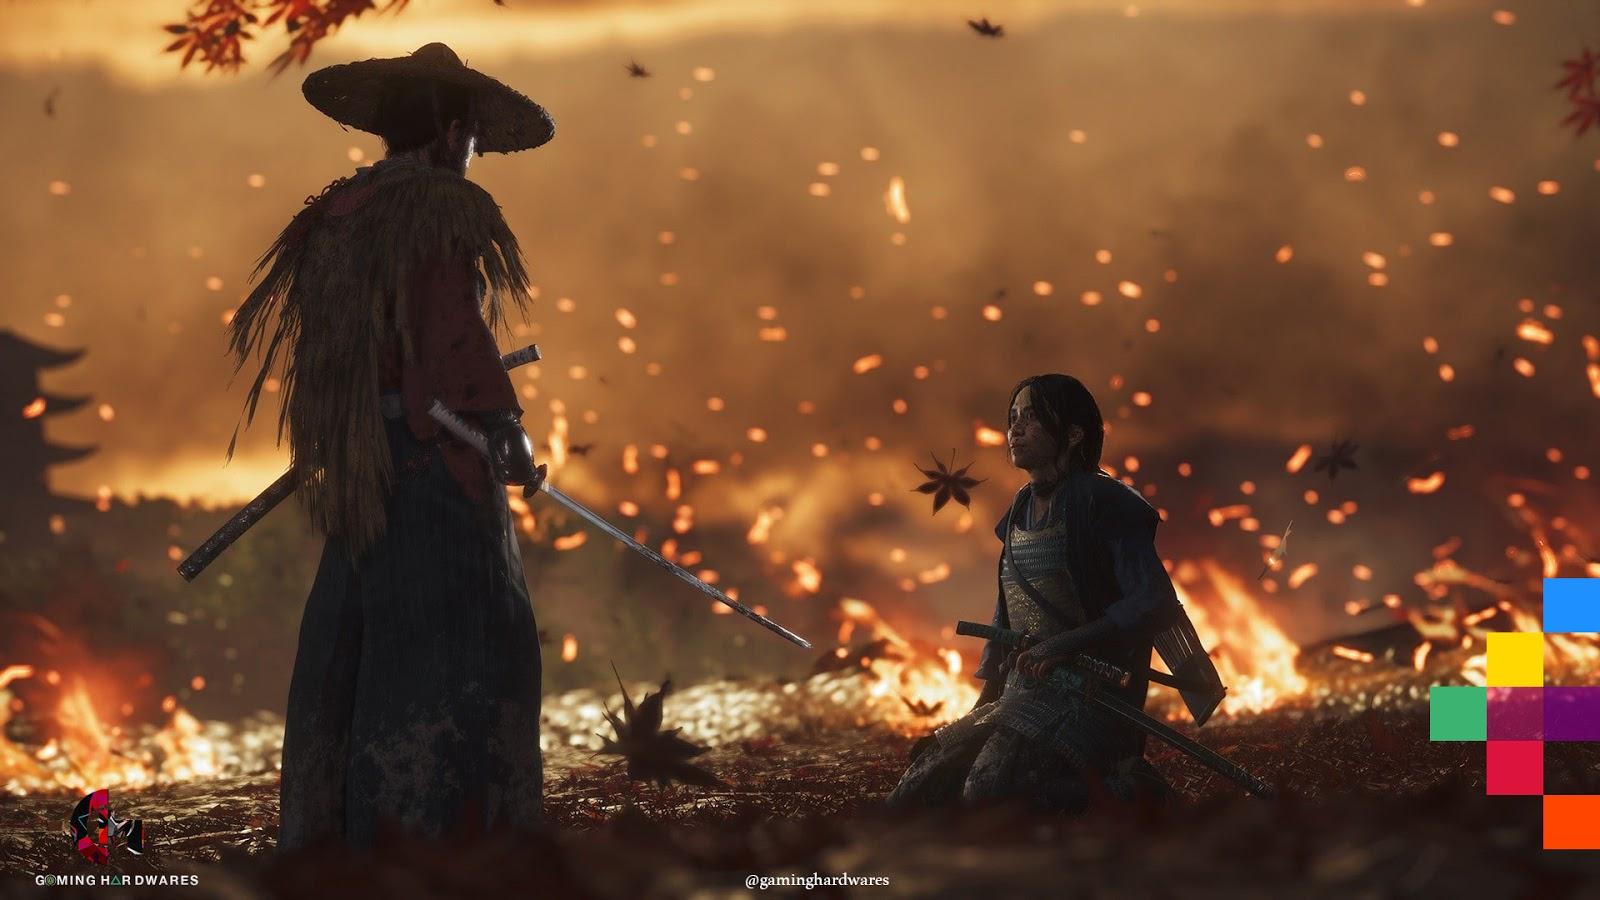 شبح تسوشيما يتحدث خلال المعركة